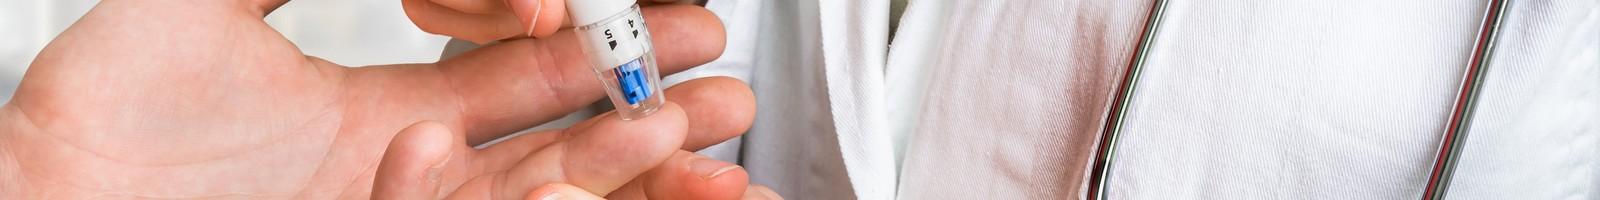 La baisse constante du nombre de diabétiques diagnostiqués en France apporte une lueur d'espoir